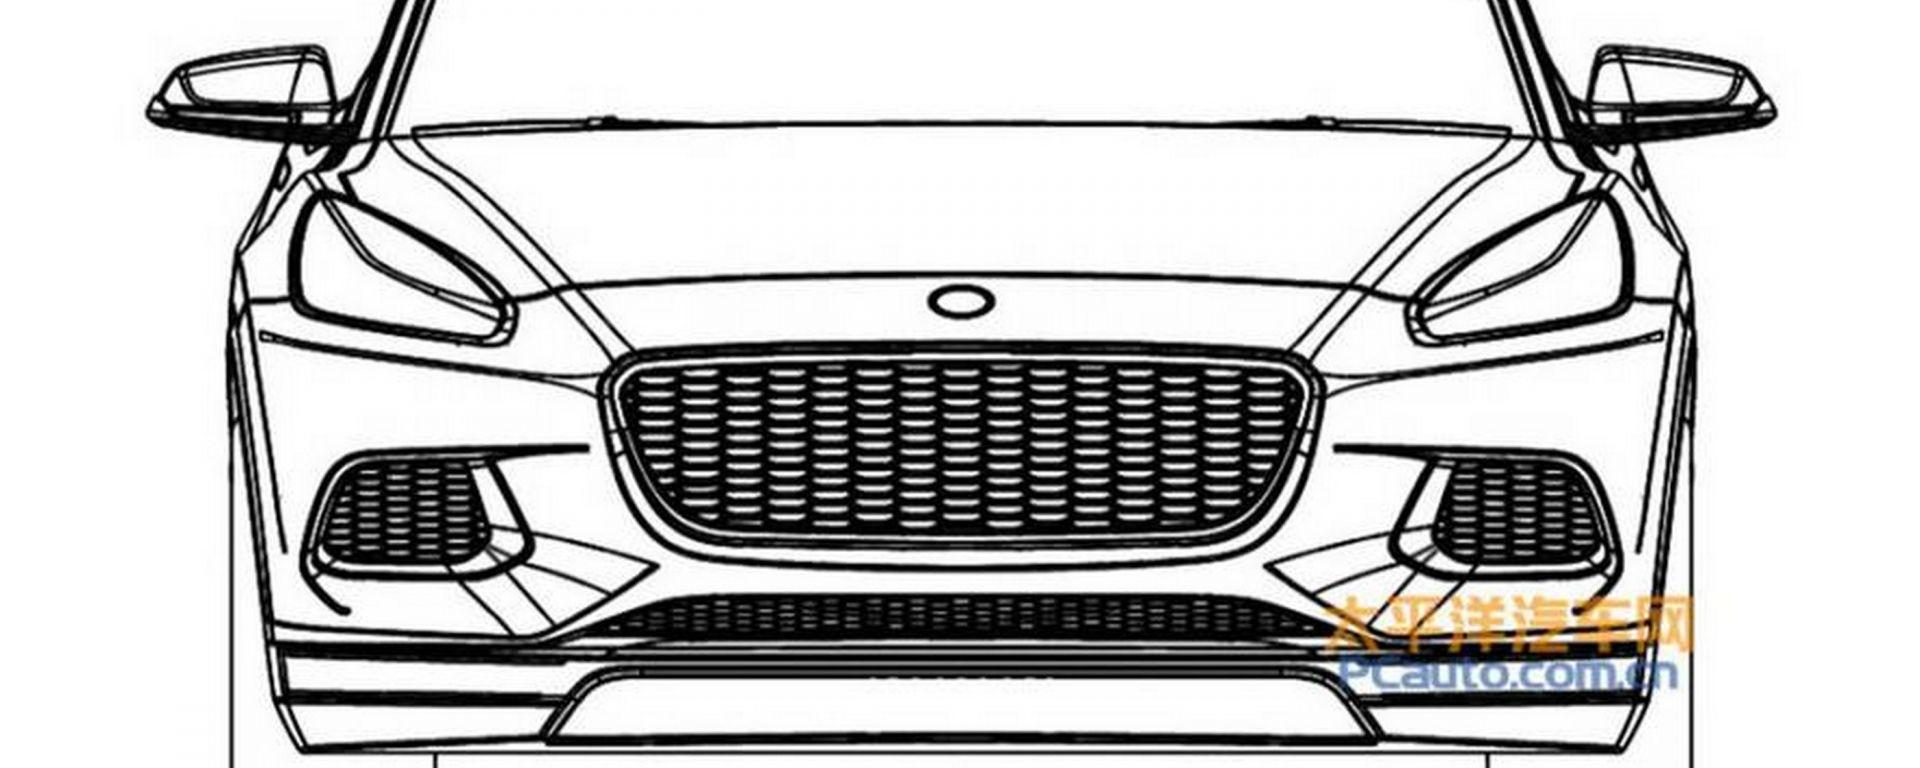 SUV Lotus: stessa piattaforma di Volvo XC90 e XC60